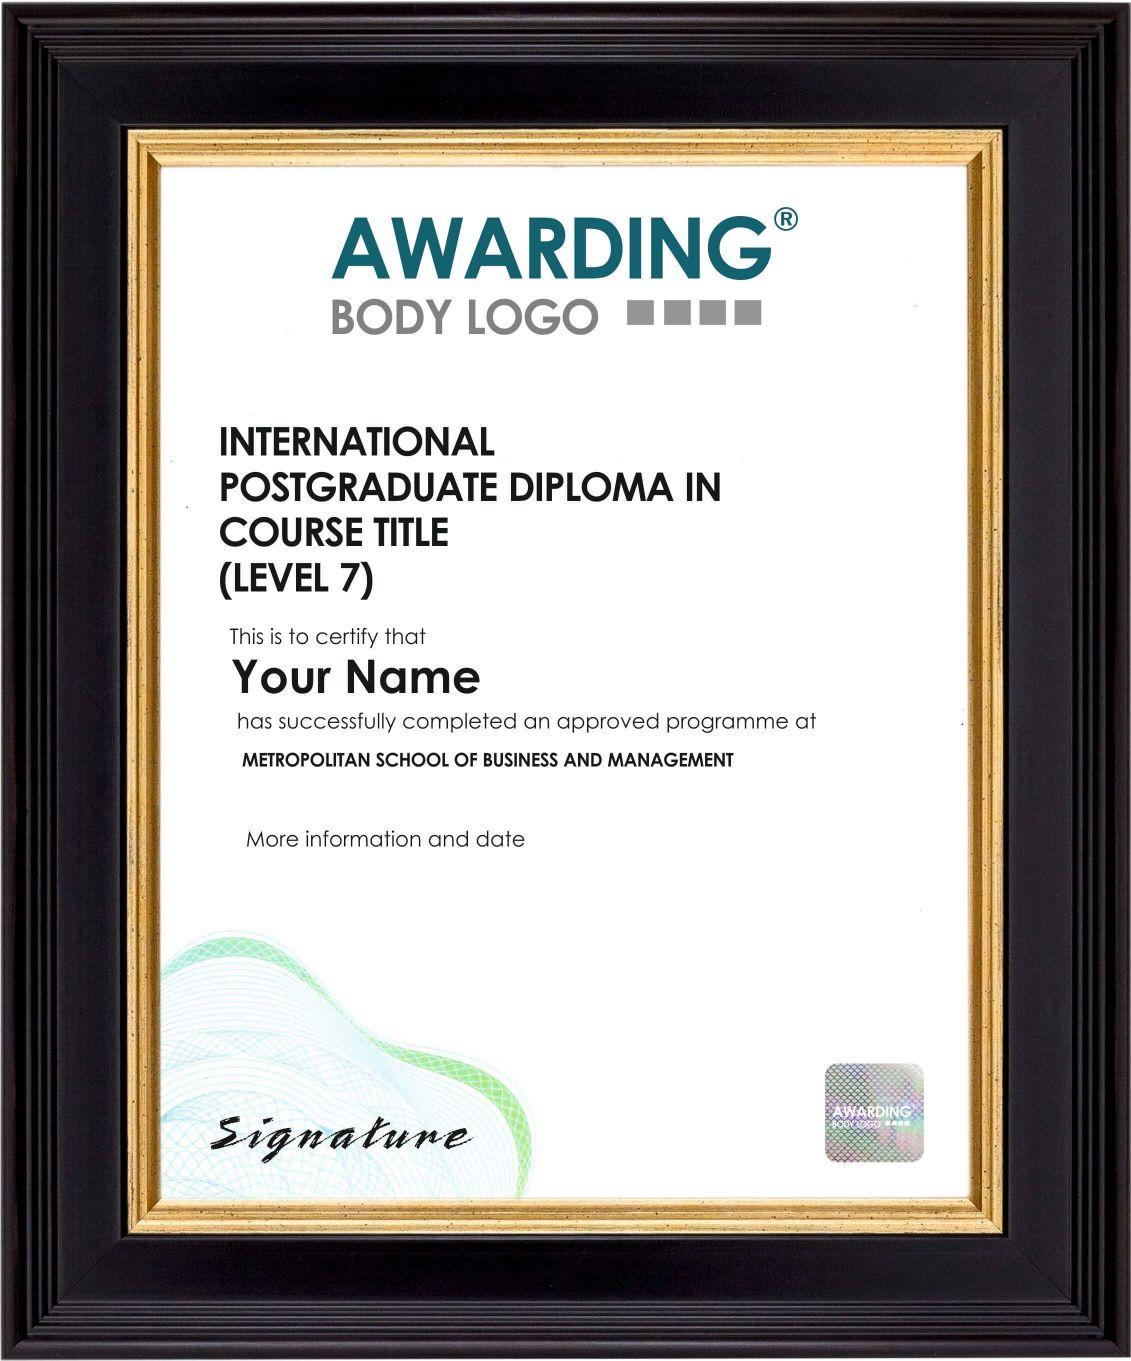 International Postgraduate Diploma Sample Certificate